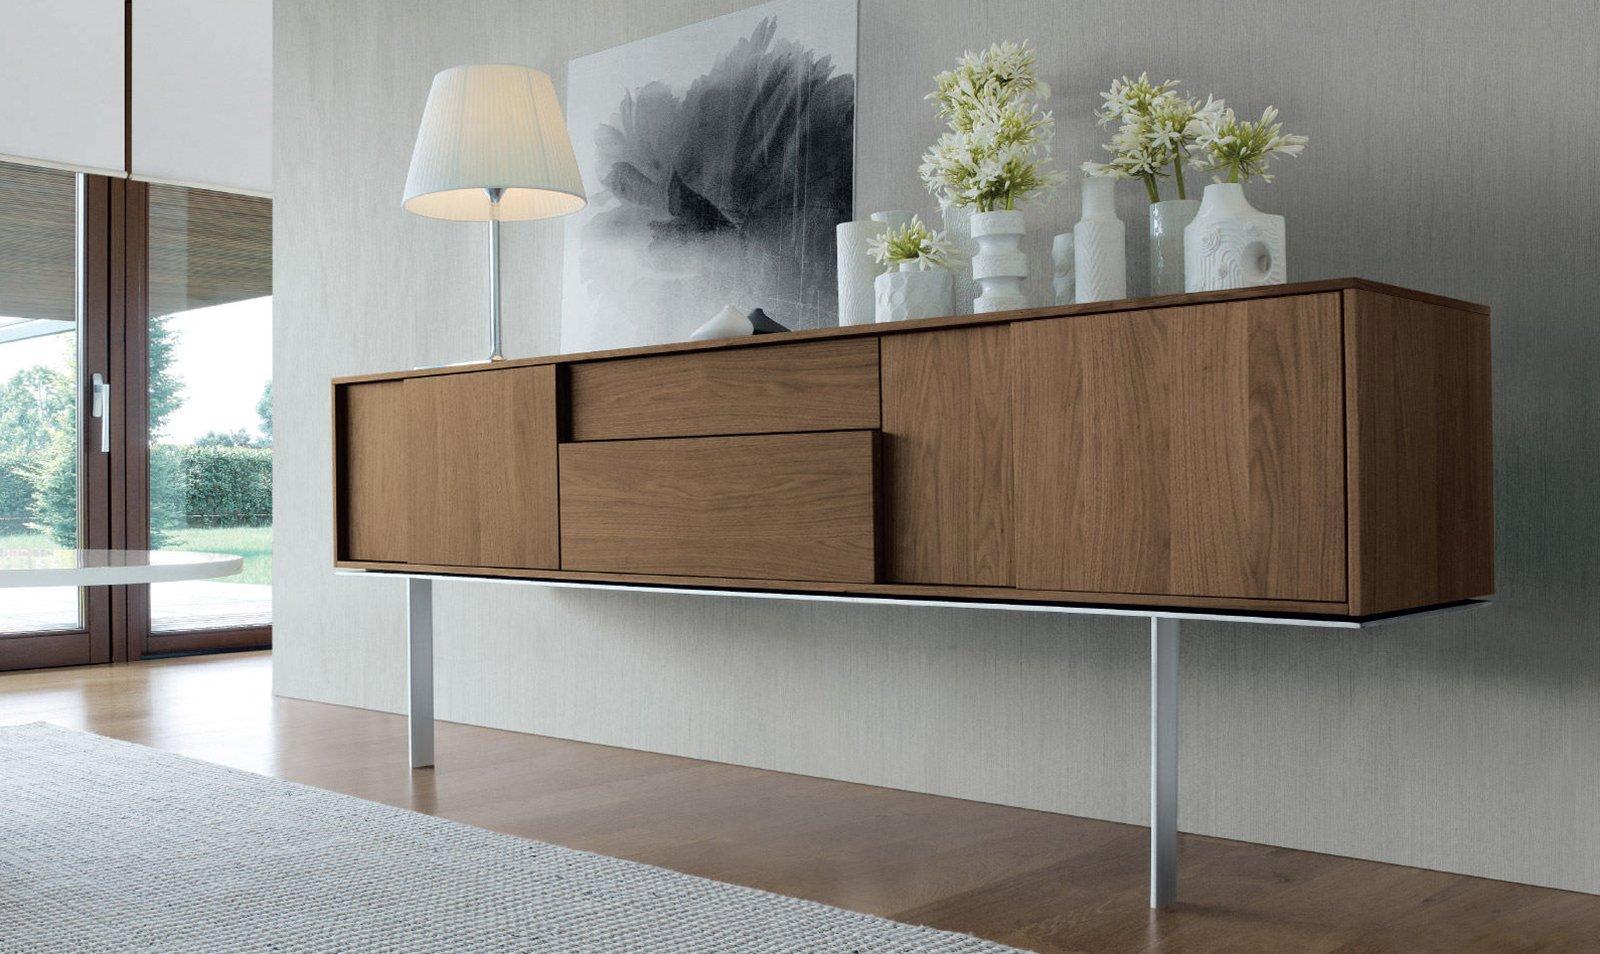 Credenza Moderna Noce Canaletto : Madie: mobili bassi per contenere cose di casa